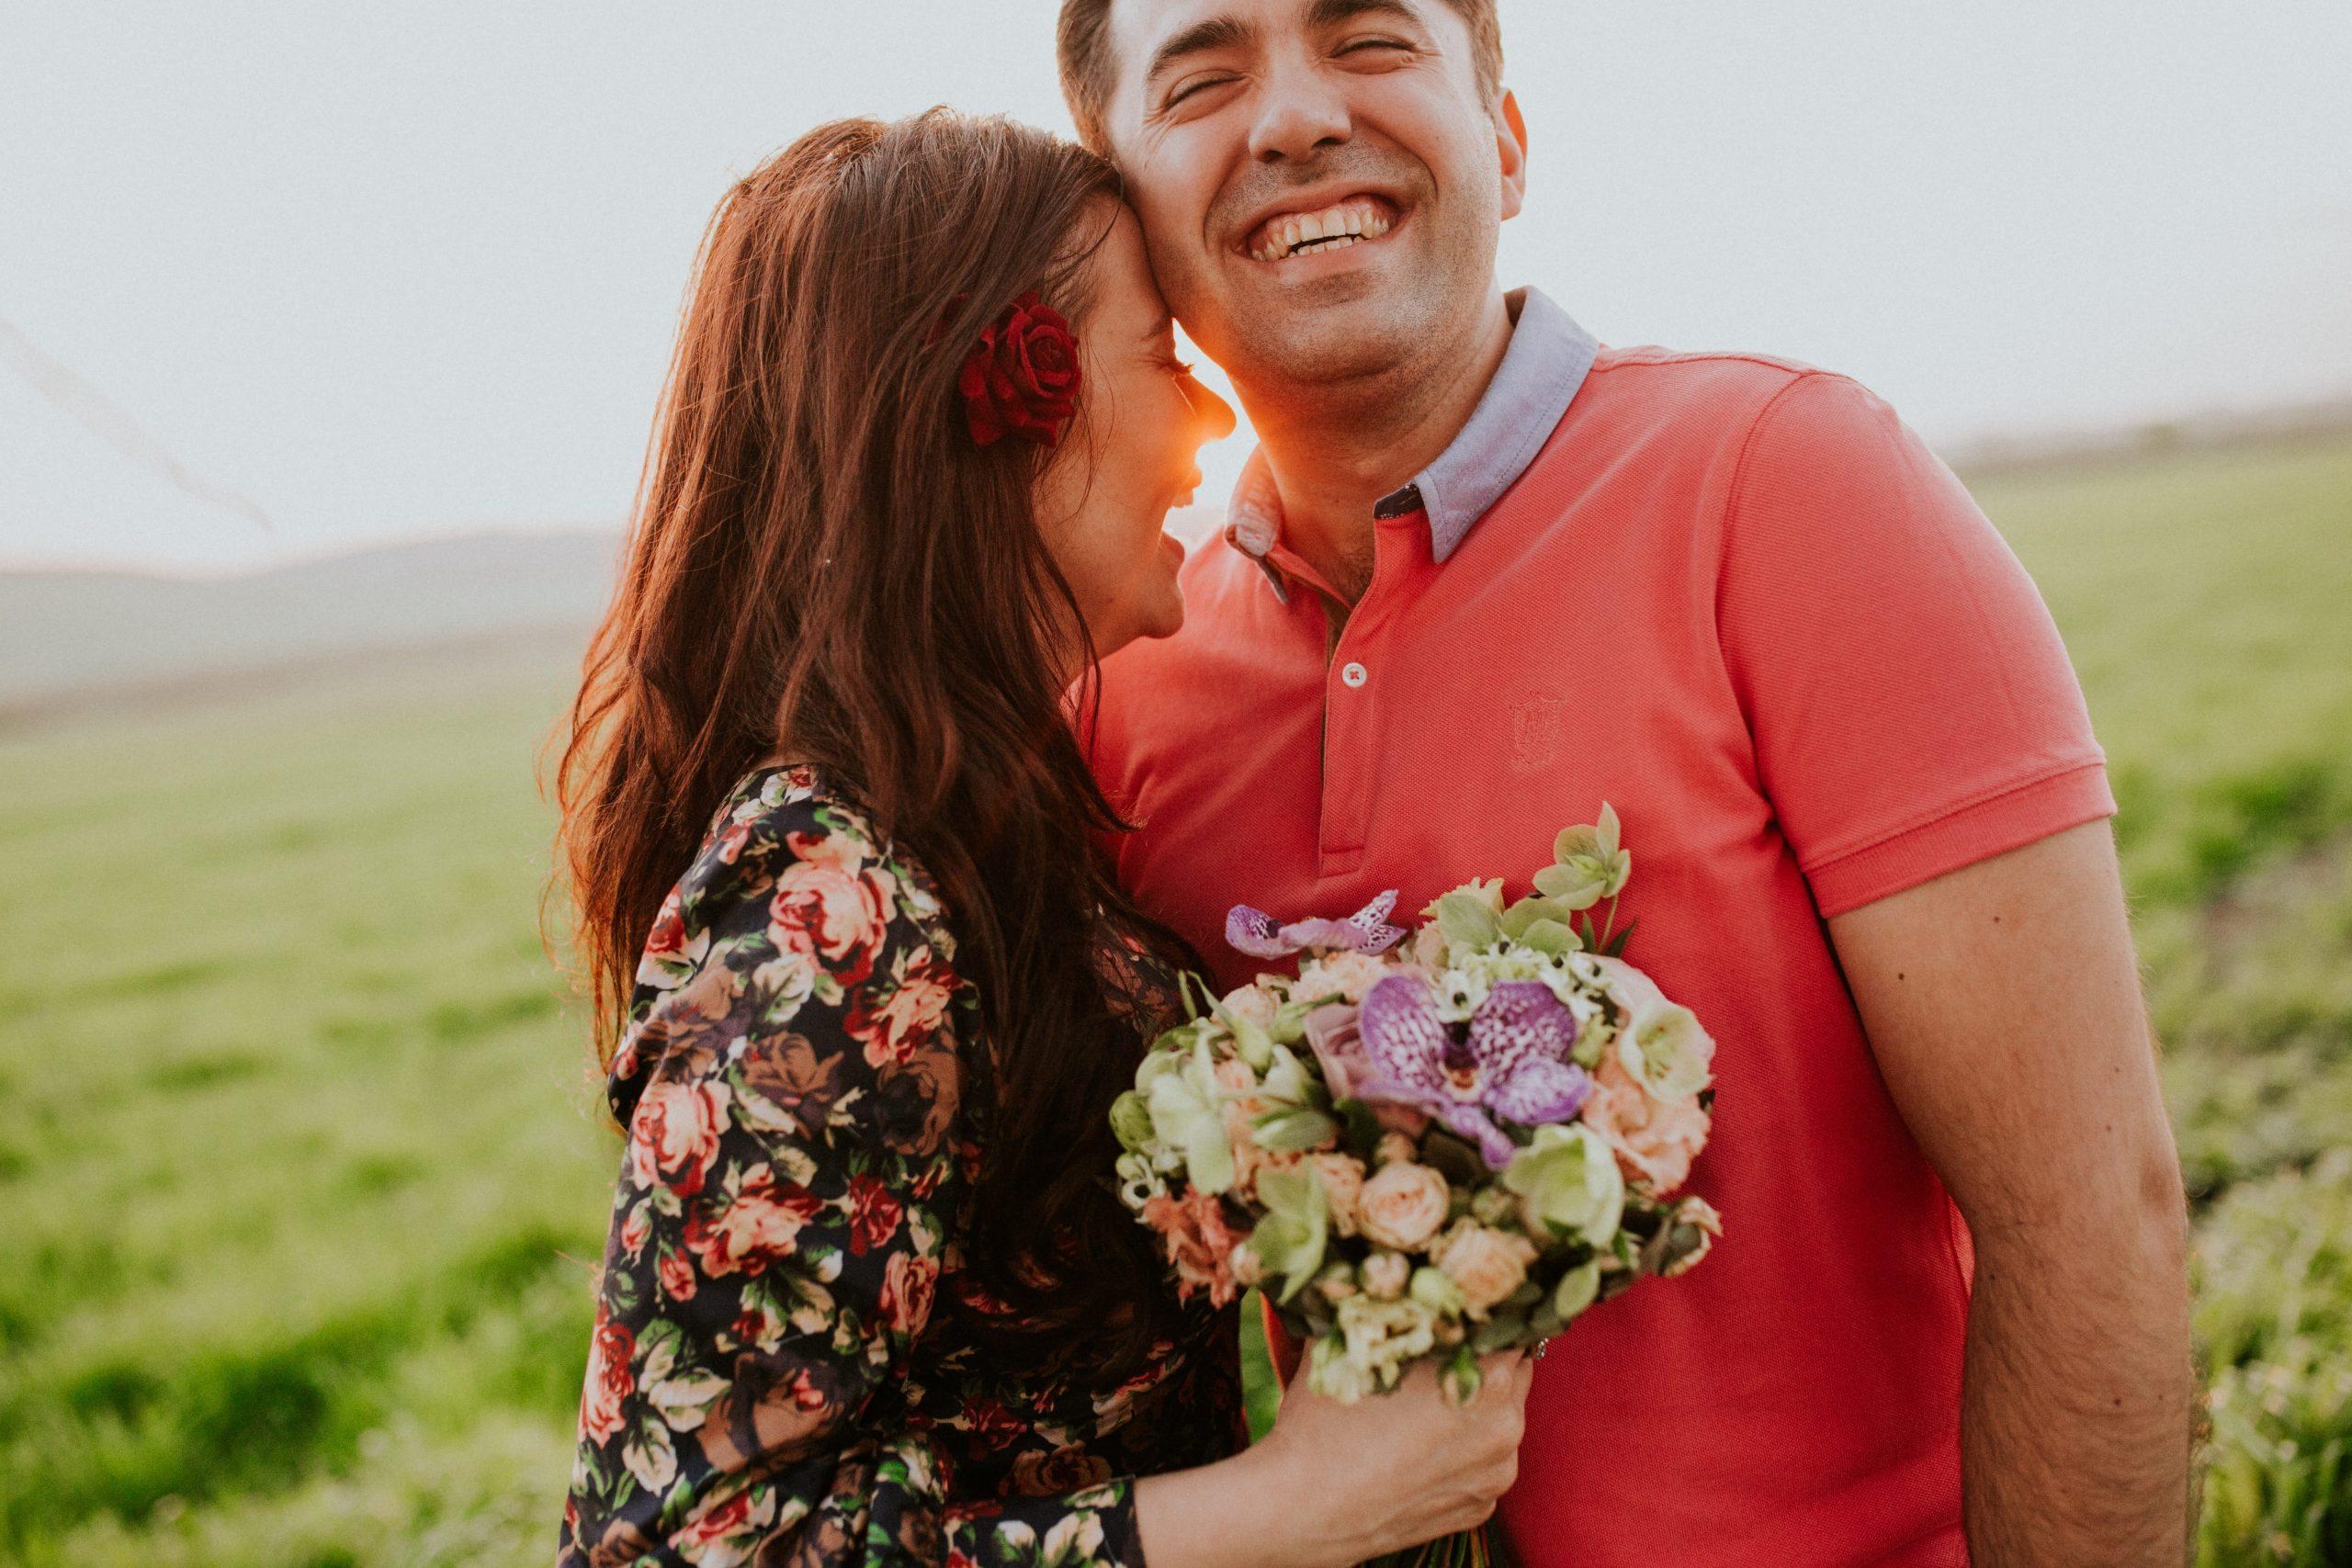 happy_couple_outdoors